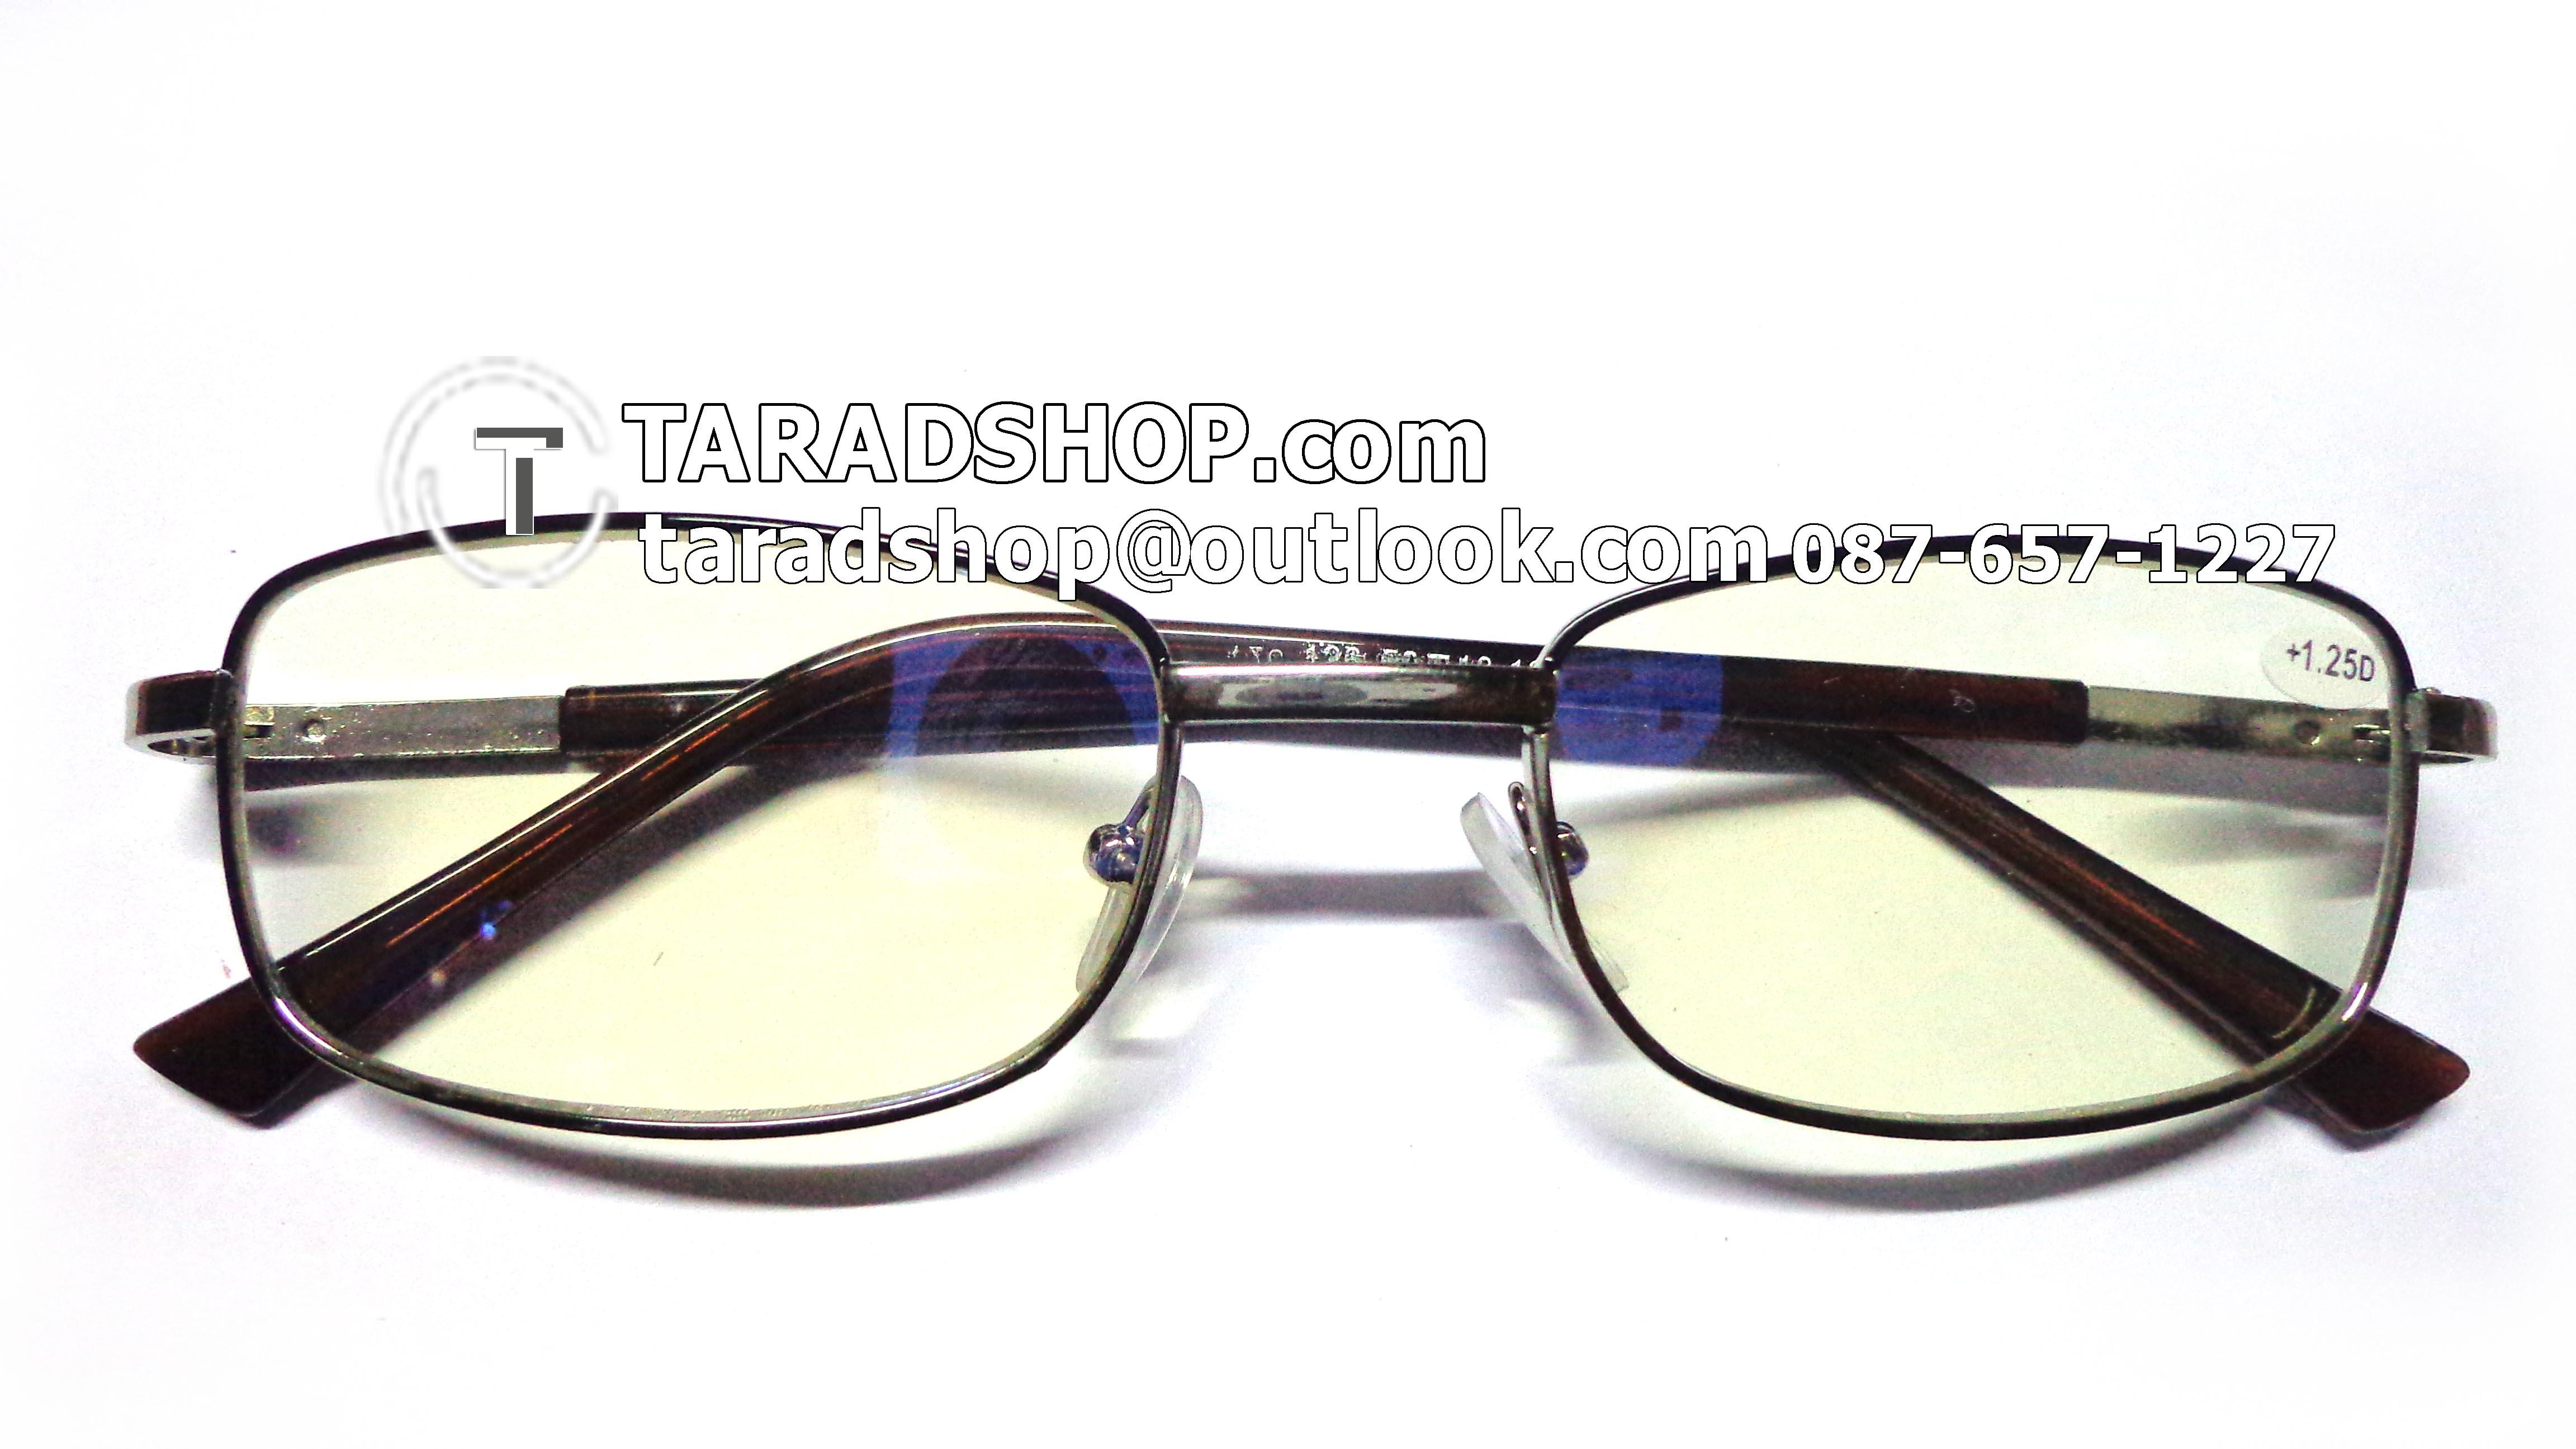 แว่นสายตา ยาว +1.25D ( สีเลนส์ กระจกใส ) สีกรอบ กระจกใส ) ขา สแตนเลส )